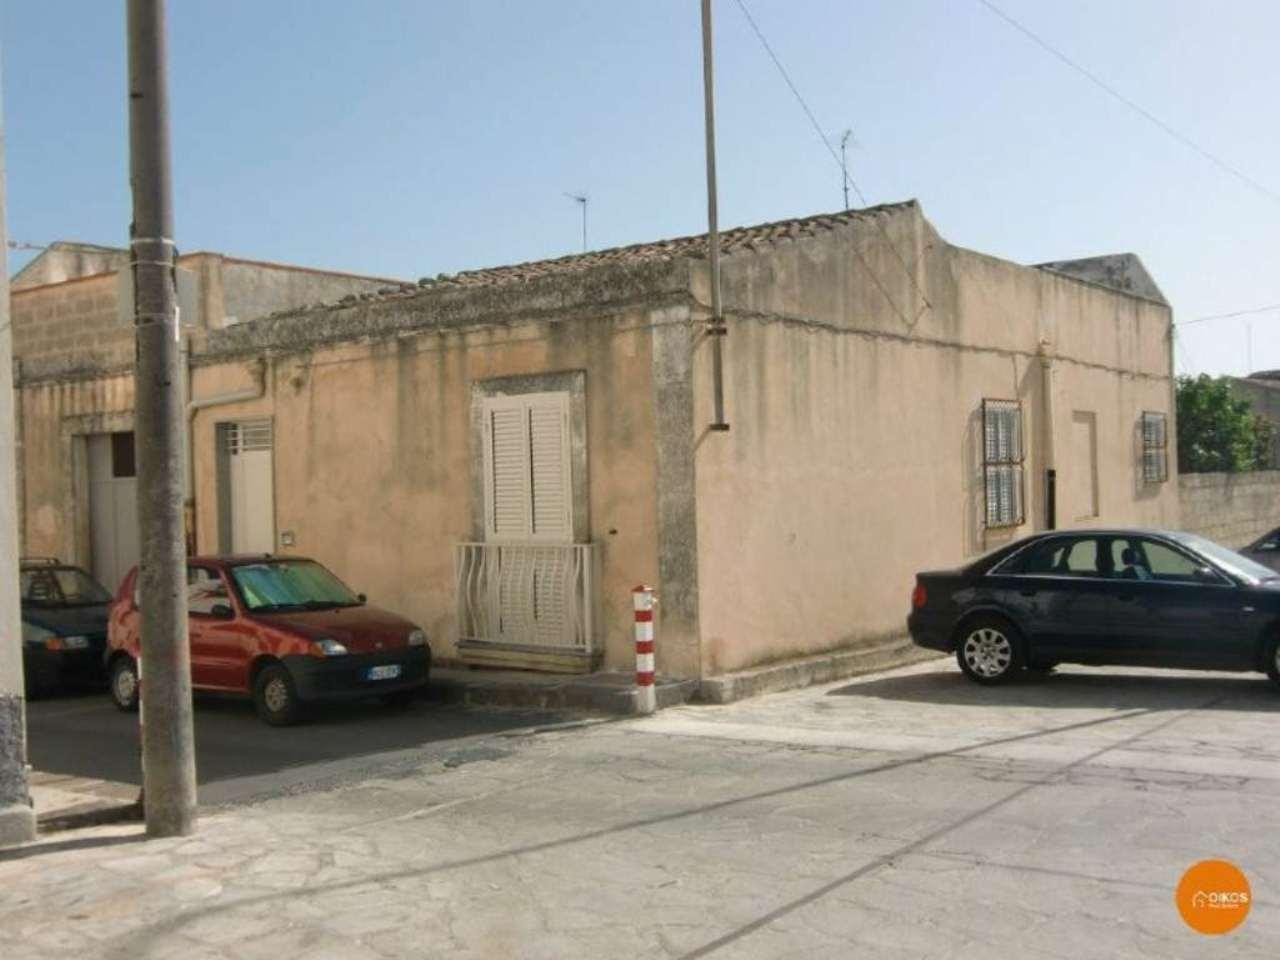 Soluzione Indipendente in vendita a Noto, 4 locali, prezzo € 190.000 | CambioCasa.it